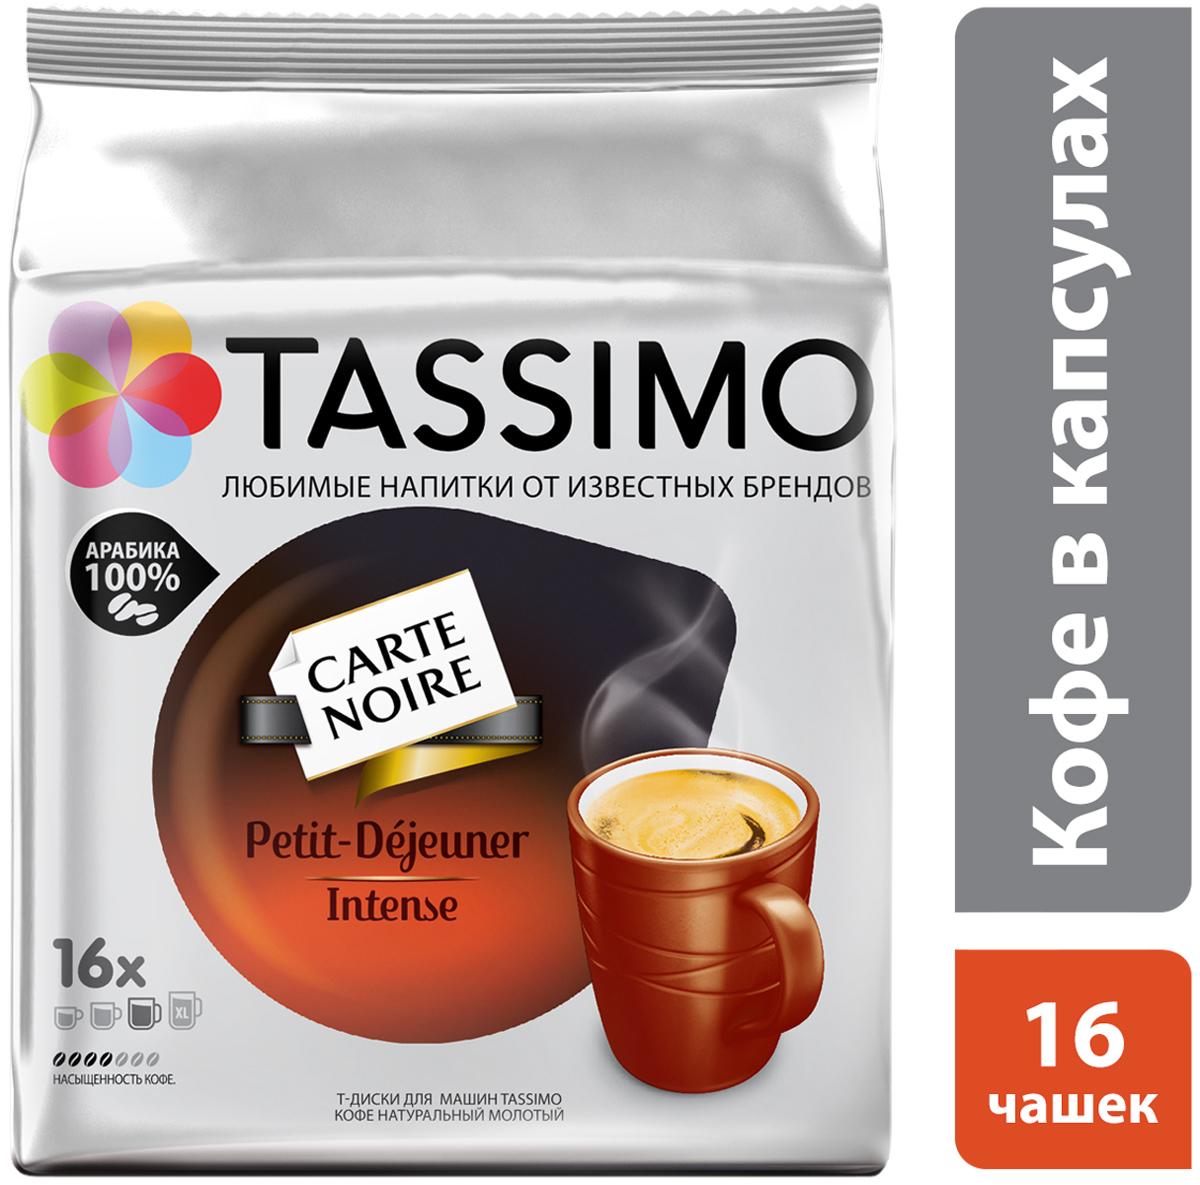 Tassimo Carte Noire Petit-Dejeuner Intense кофе в капсулах, 16 шт растворимый кофе carte noire купить